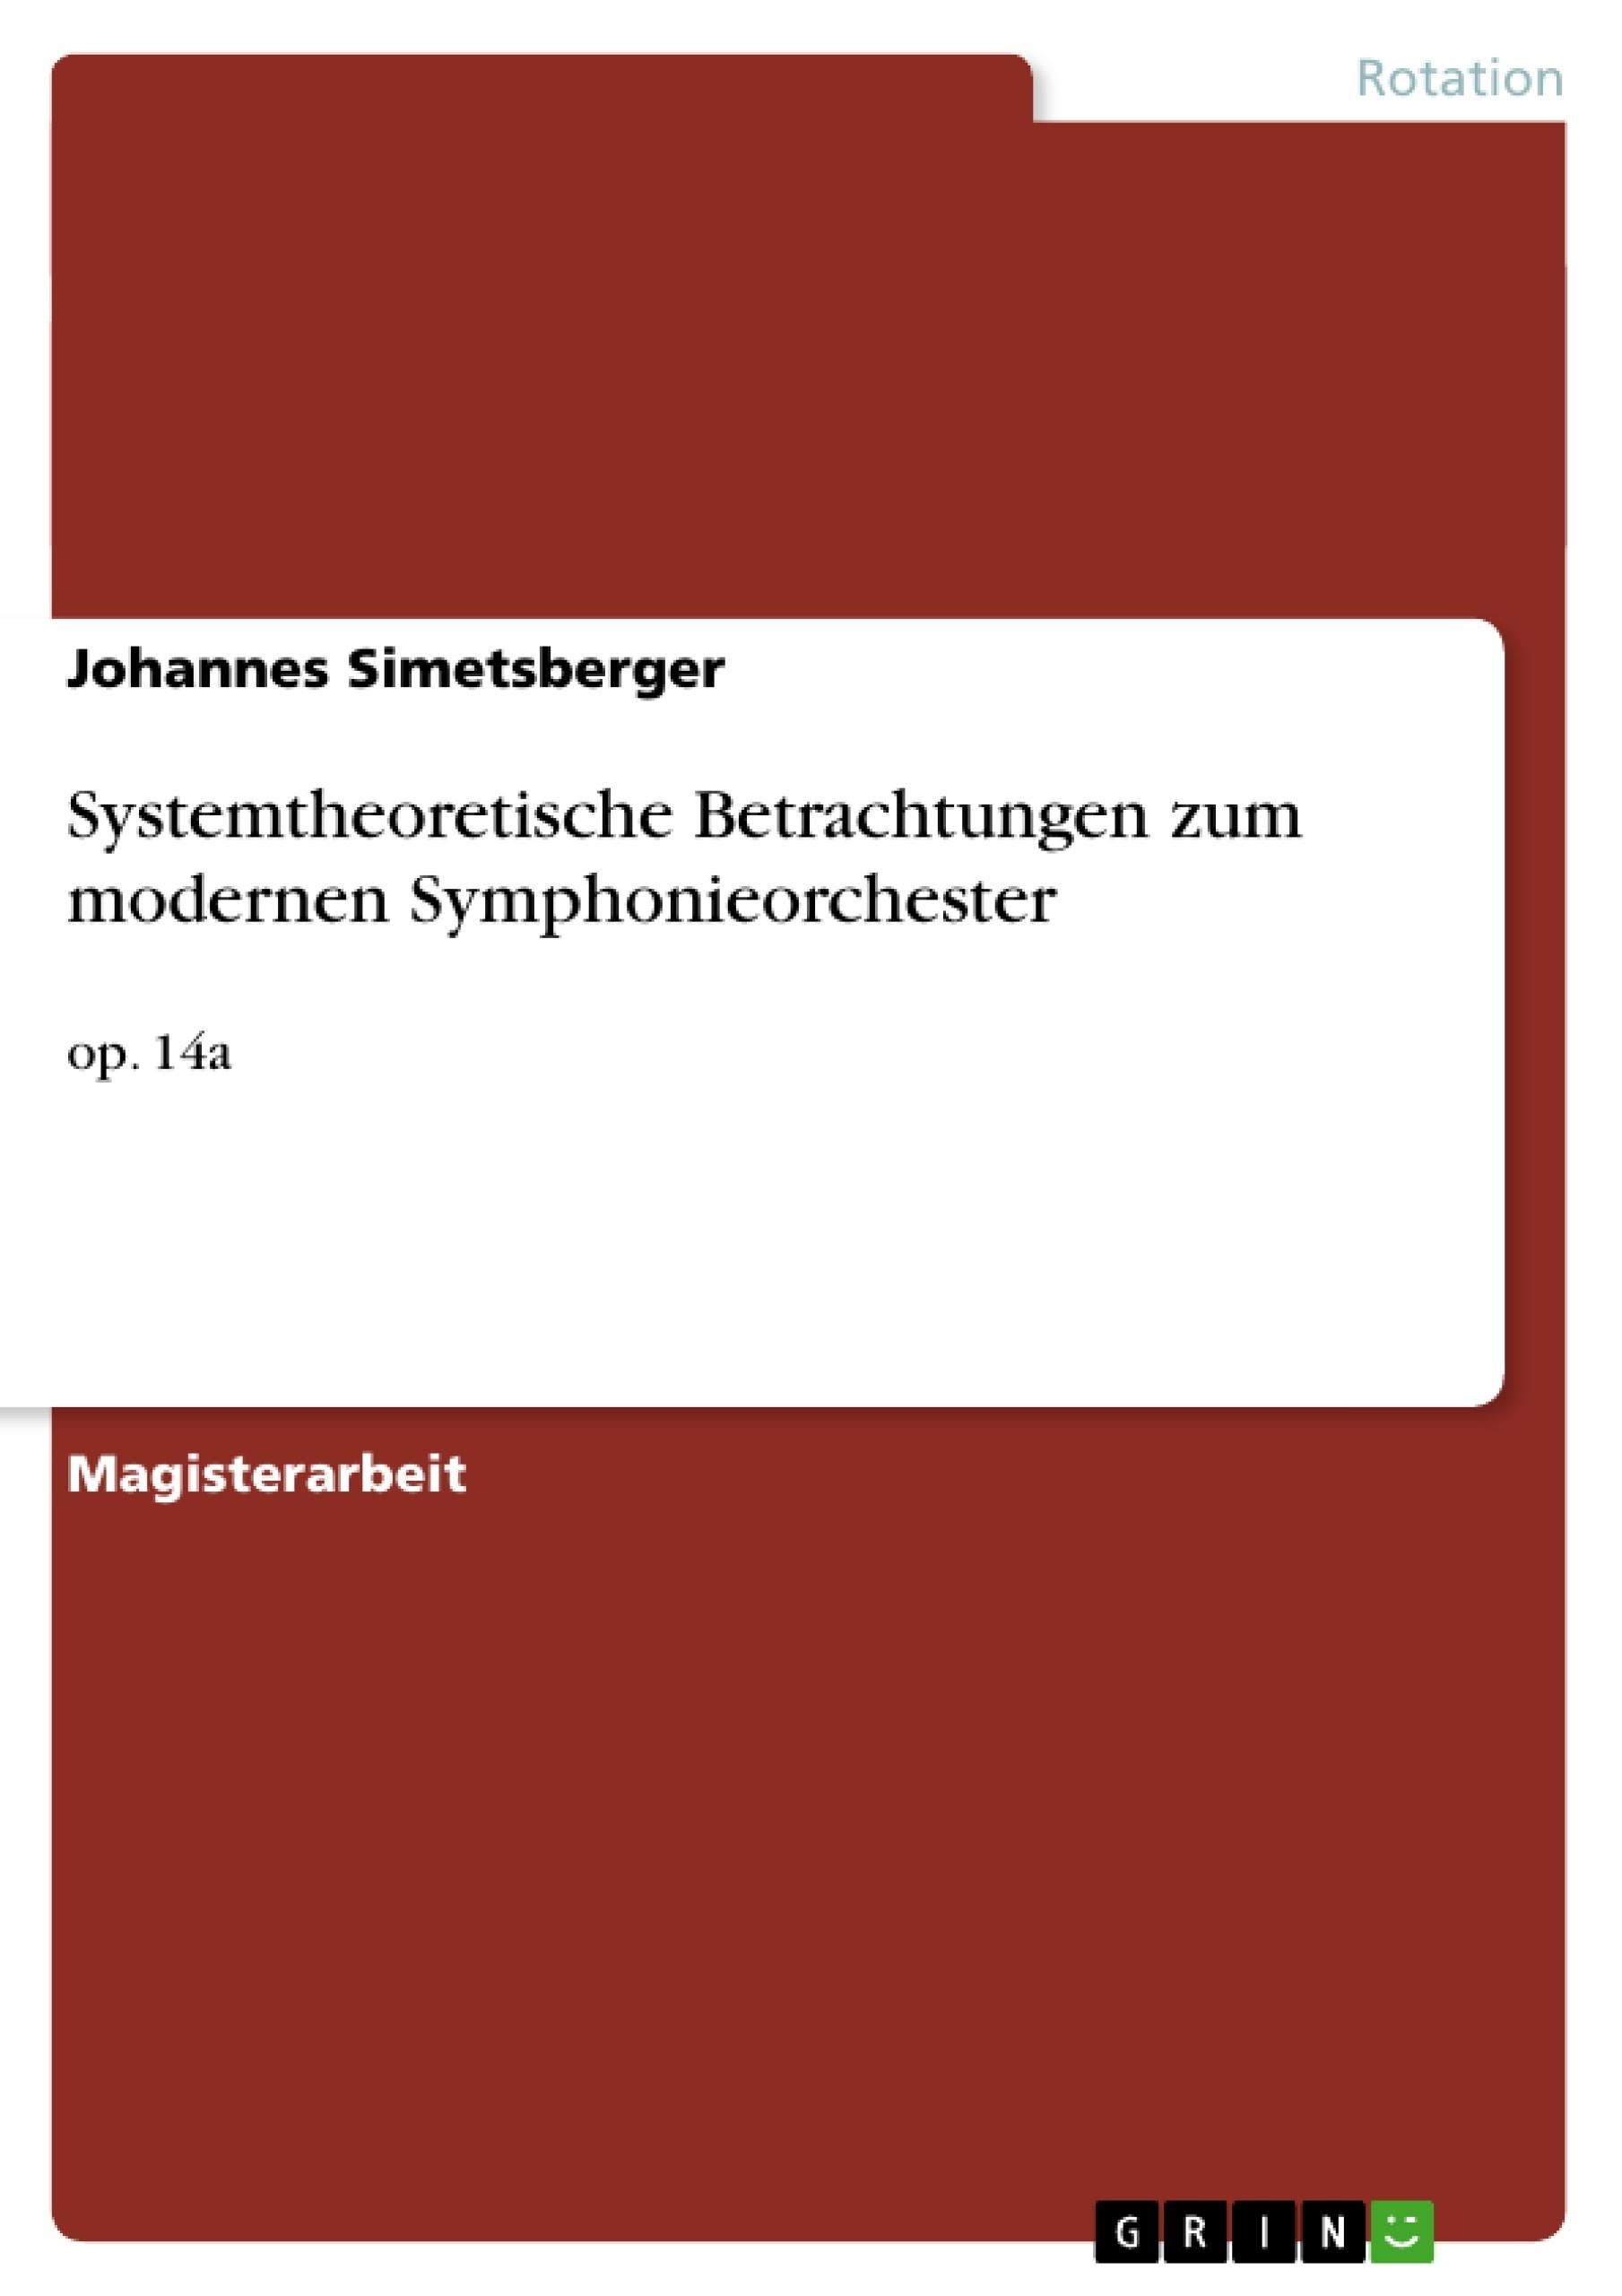 Titel: Systemtheoretische Betrachtungen zum modernen Symphonieorchester